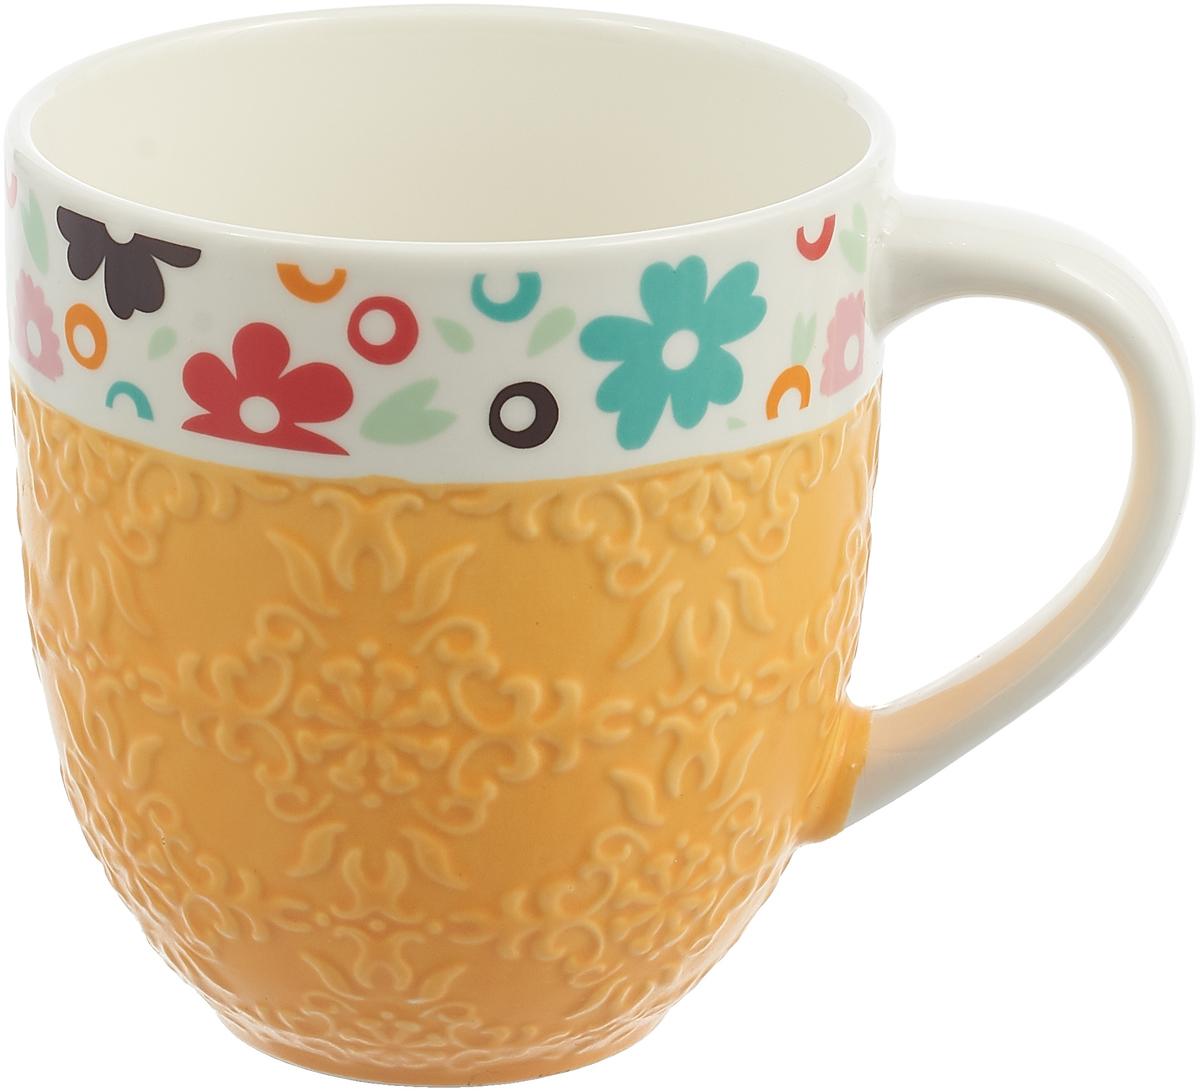 Кружка Liling Quanhu Гламур, LQGB140-LE0098_3, оранжевый, 590 мл кружка liling quanhu букет дизайн 1 380 мл